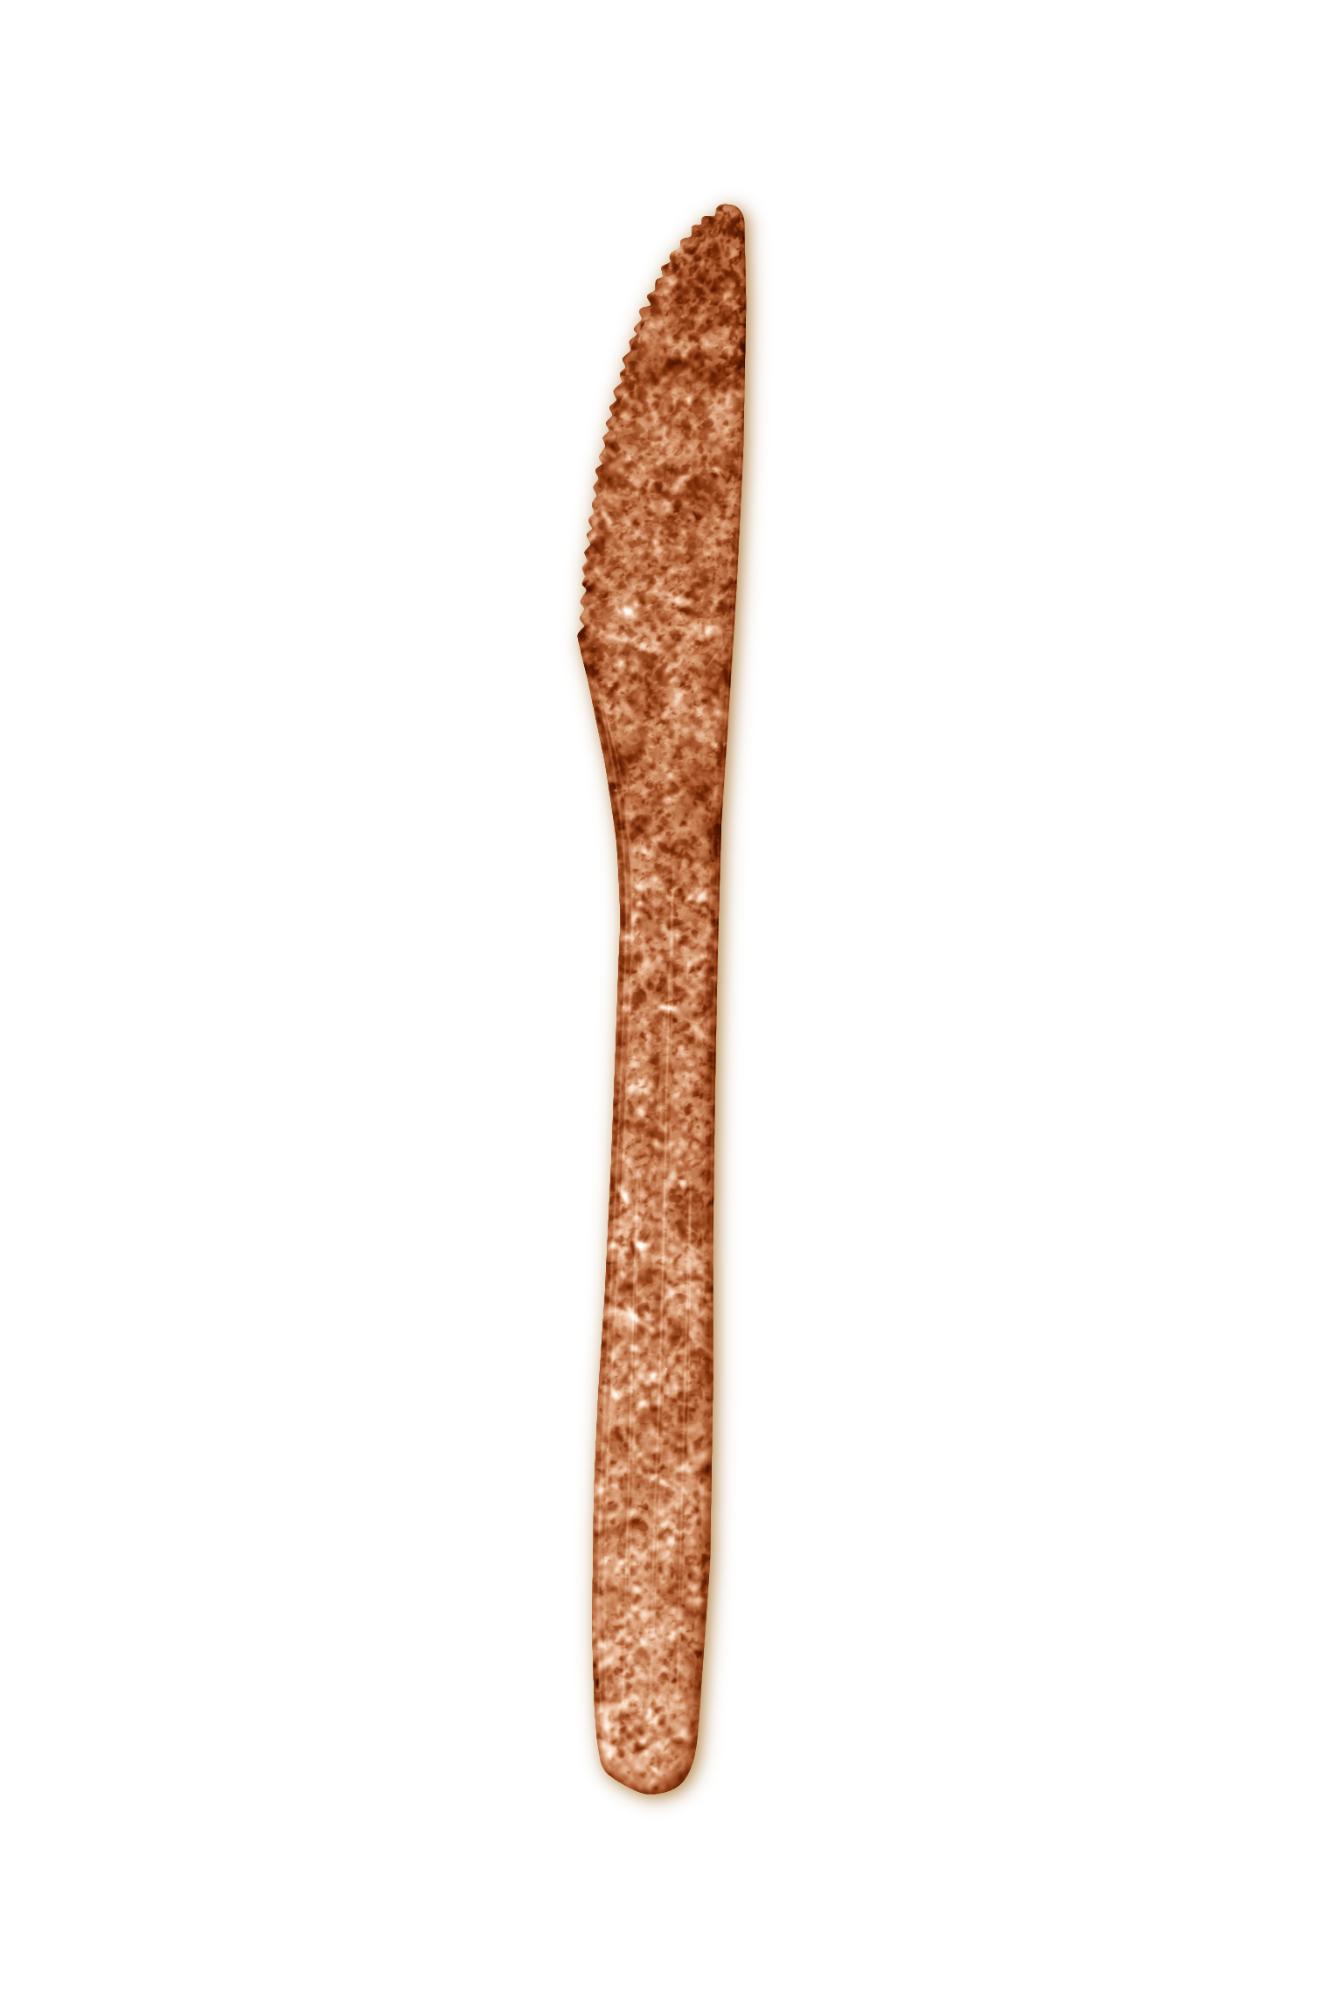 Augalinės sudėties vienkartinis peilis, 10 vnt. BIOTREM